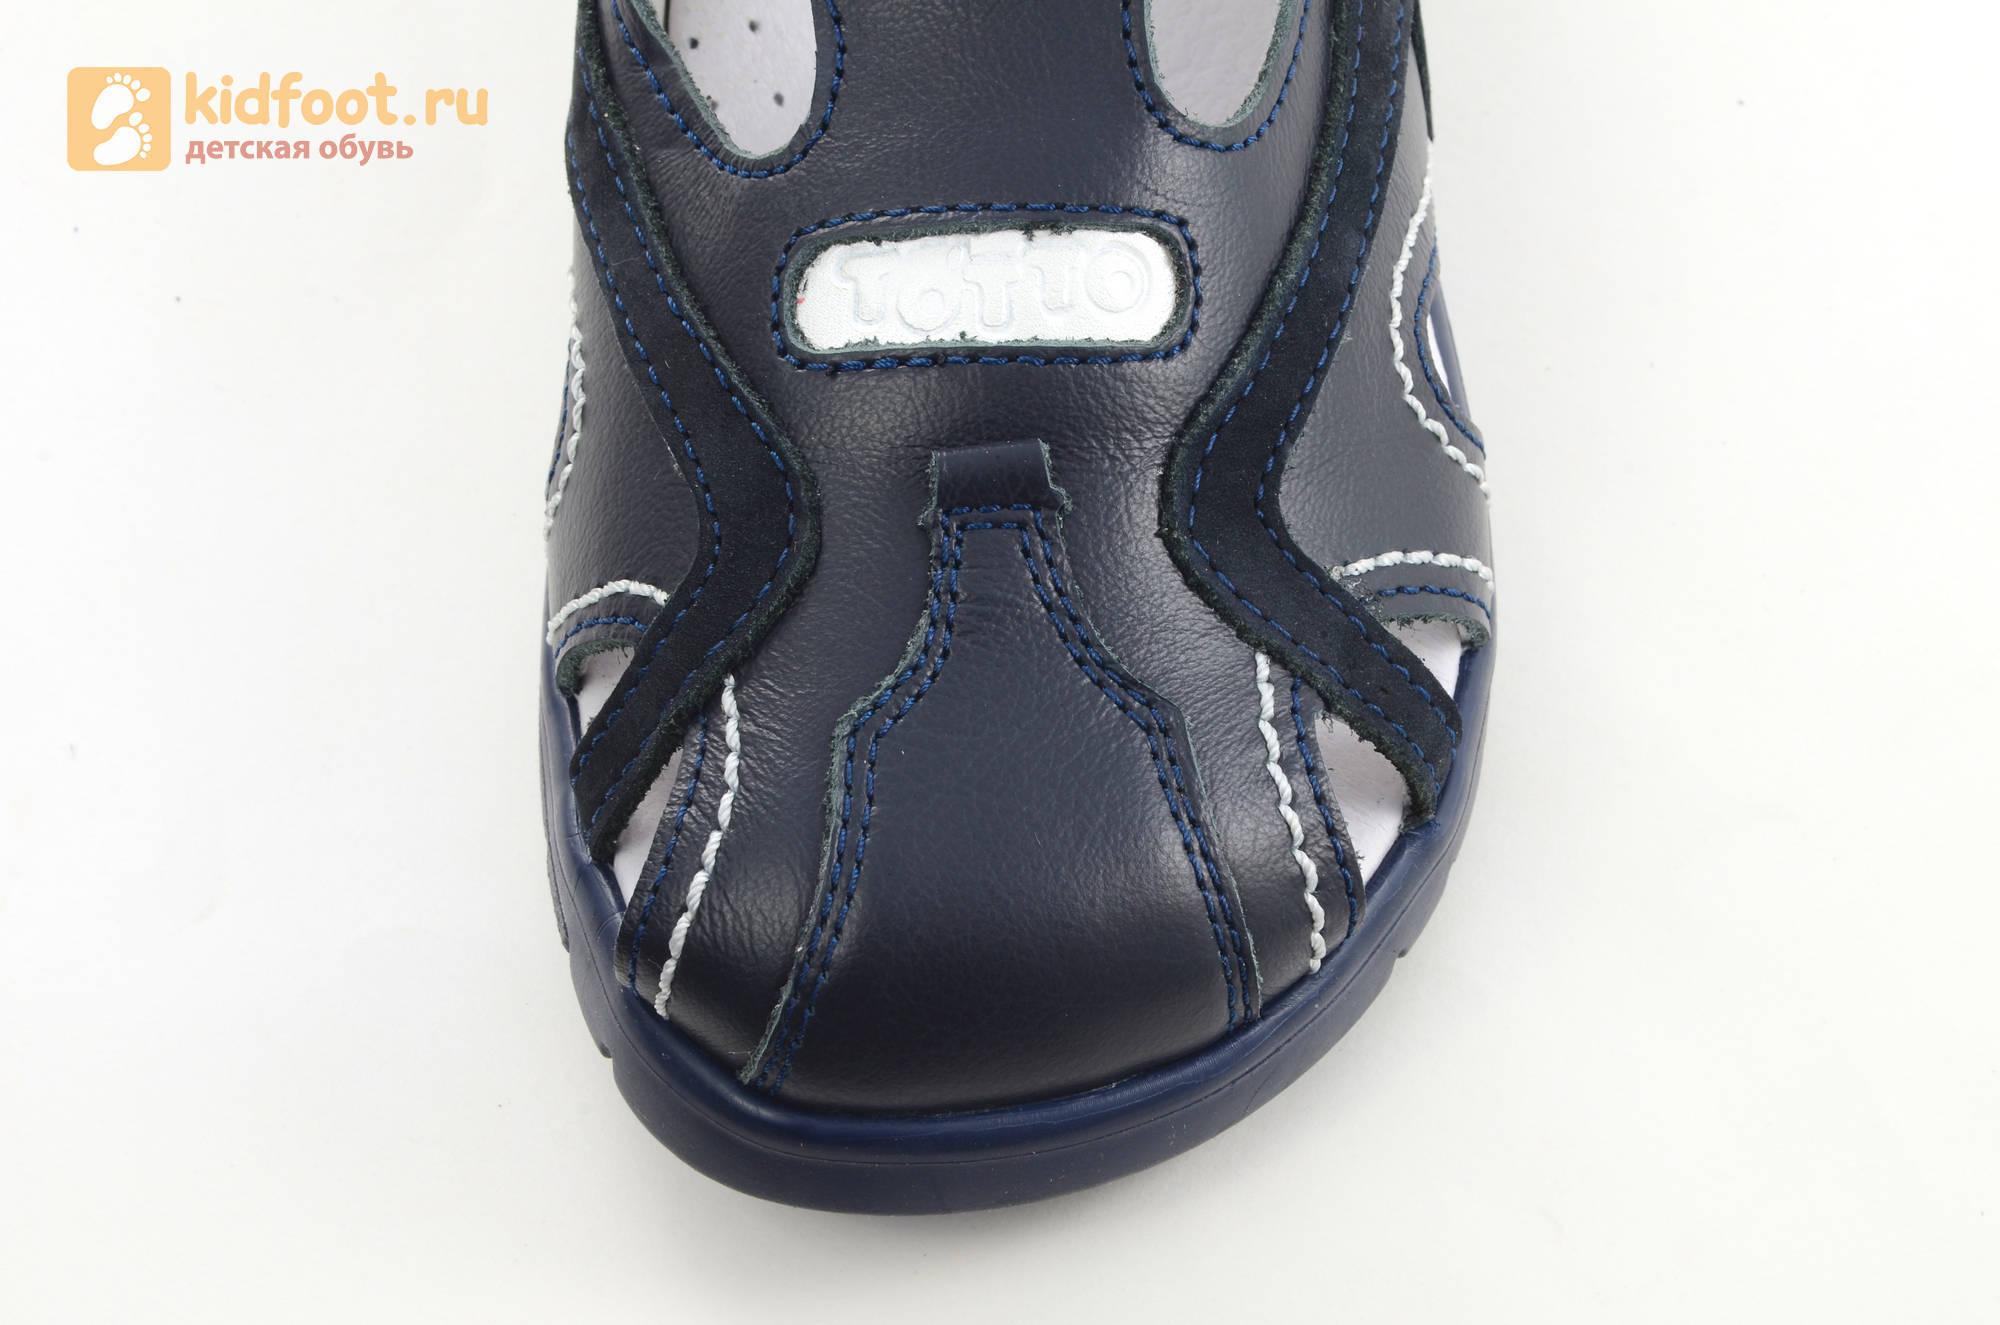 Сандалии для мальчиков из натуральной кожи с закрытым носом на липучке Тотто, цвет темно-синий белый